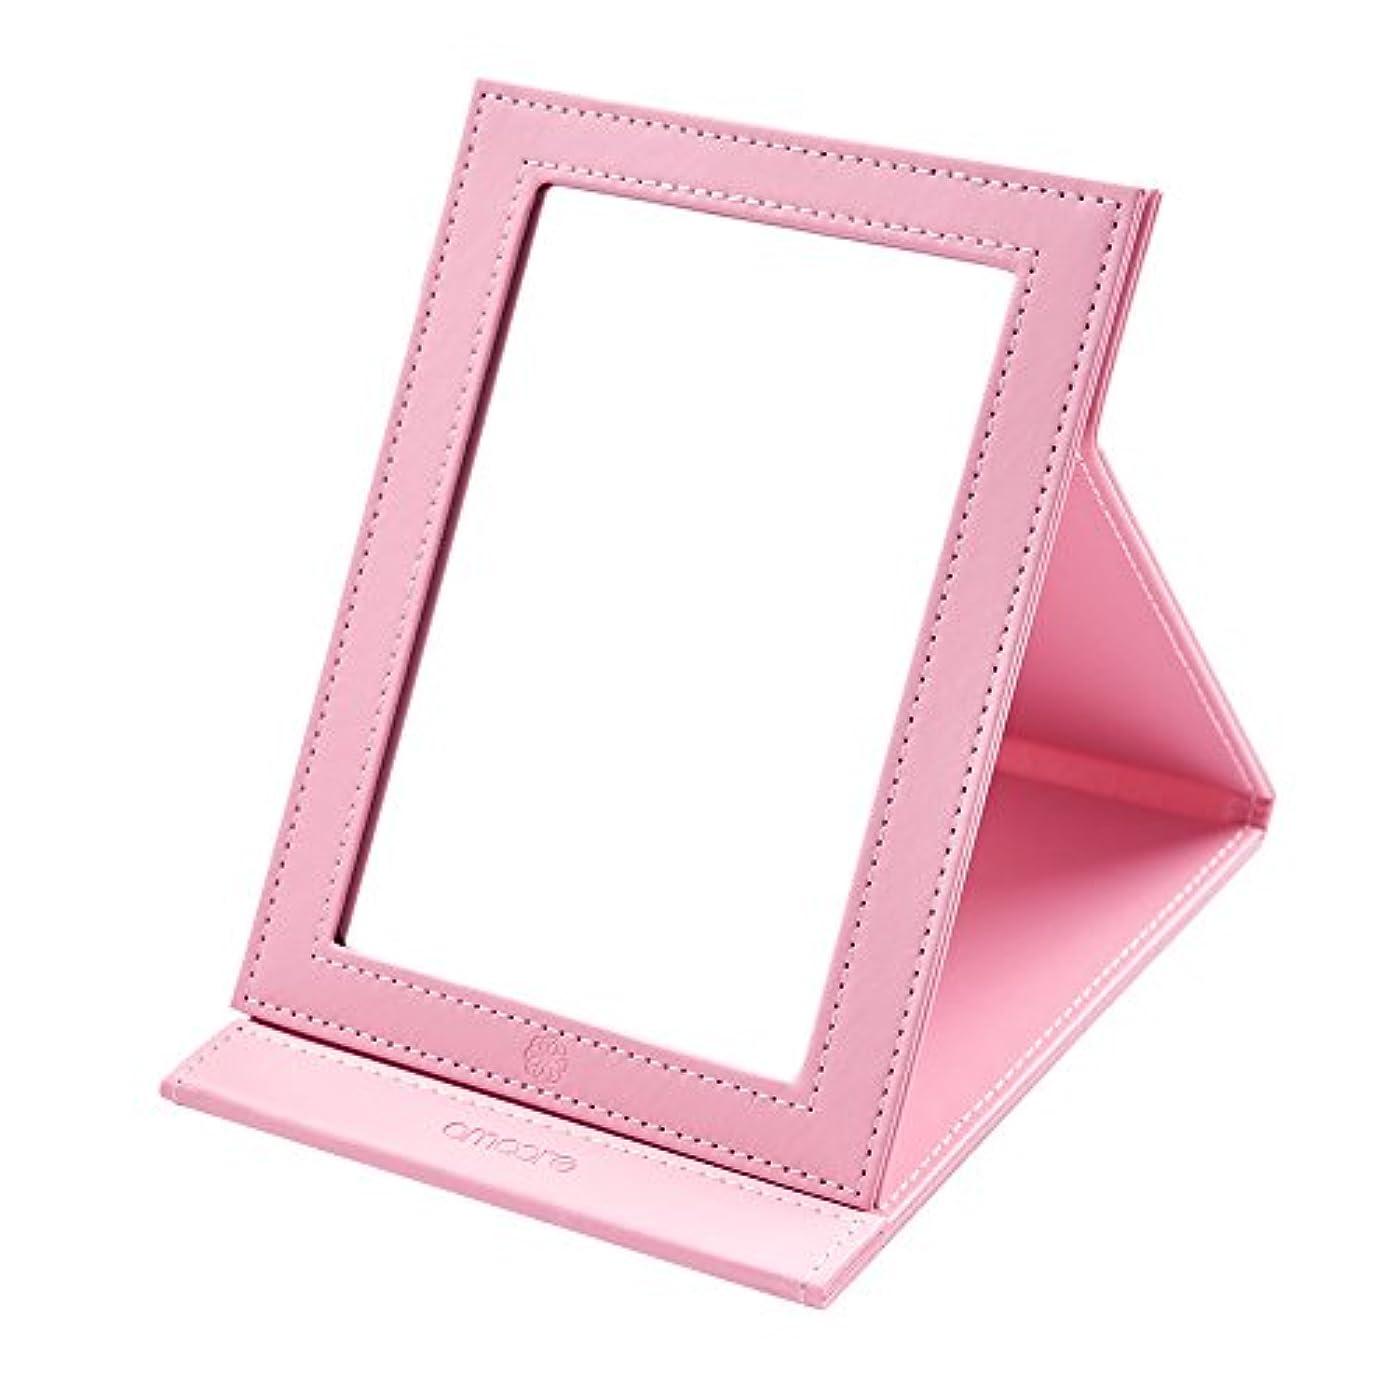 ドキュメンタリー乙女ガラガラamoore 化粧鏡 卓上スタンドミラー 折りたたみミラー 角度調整 上質PUレザー使用 (ビッグ, ピンク)